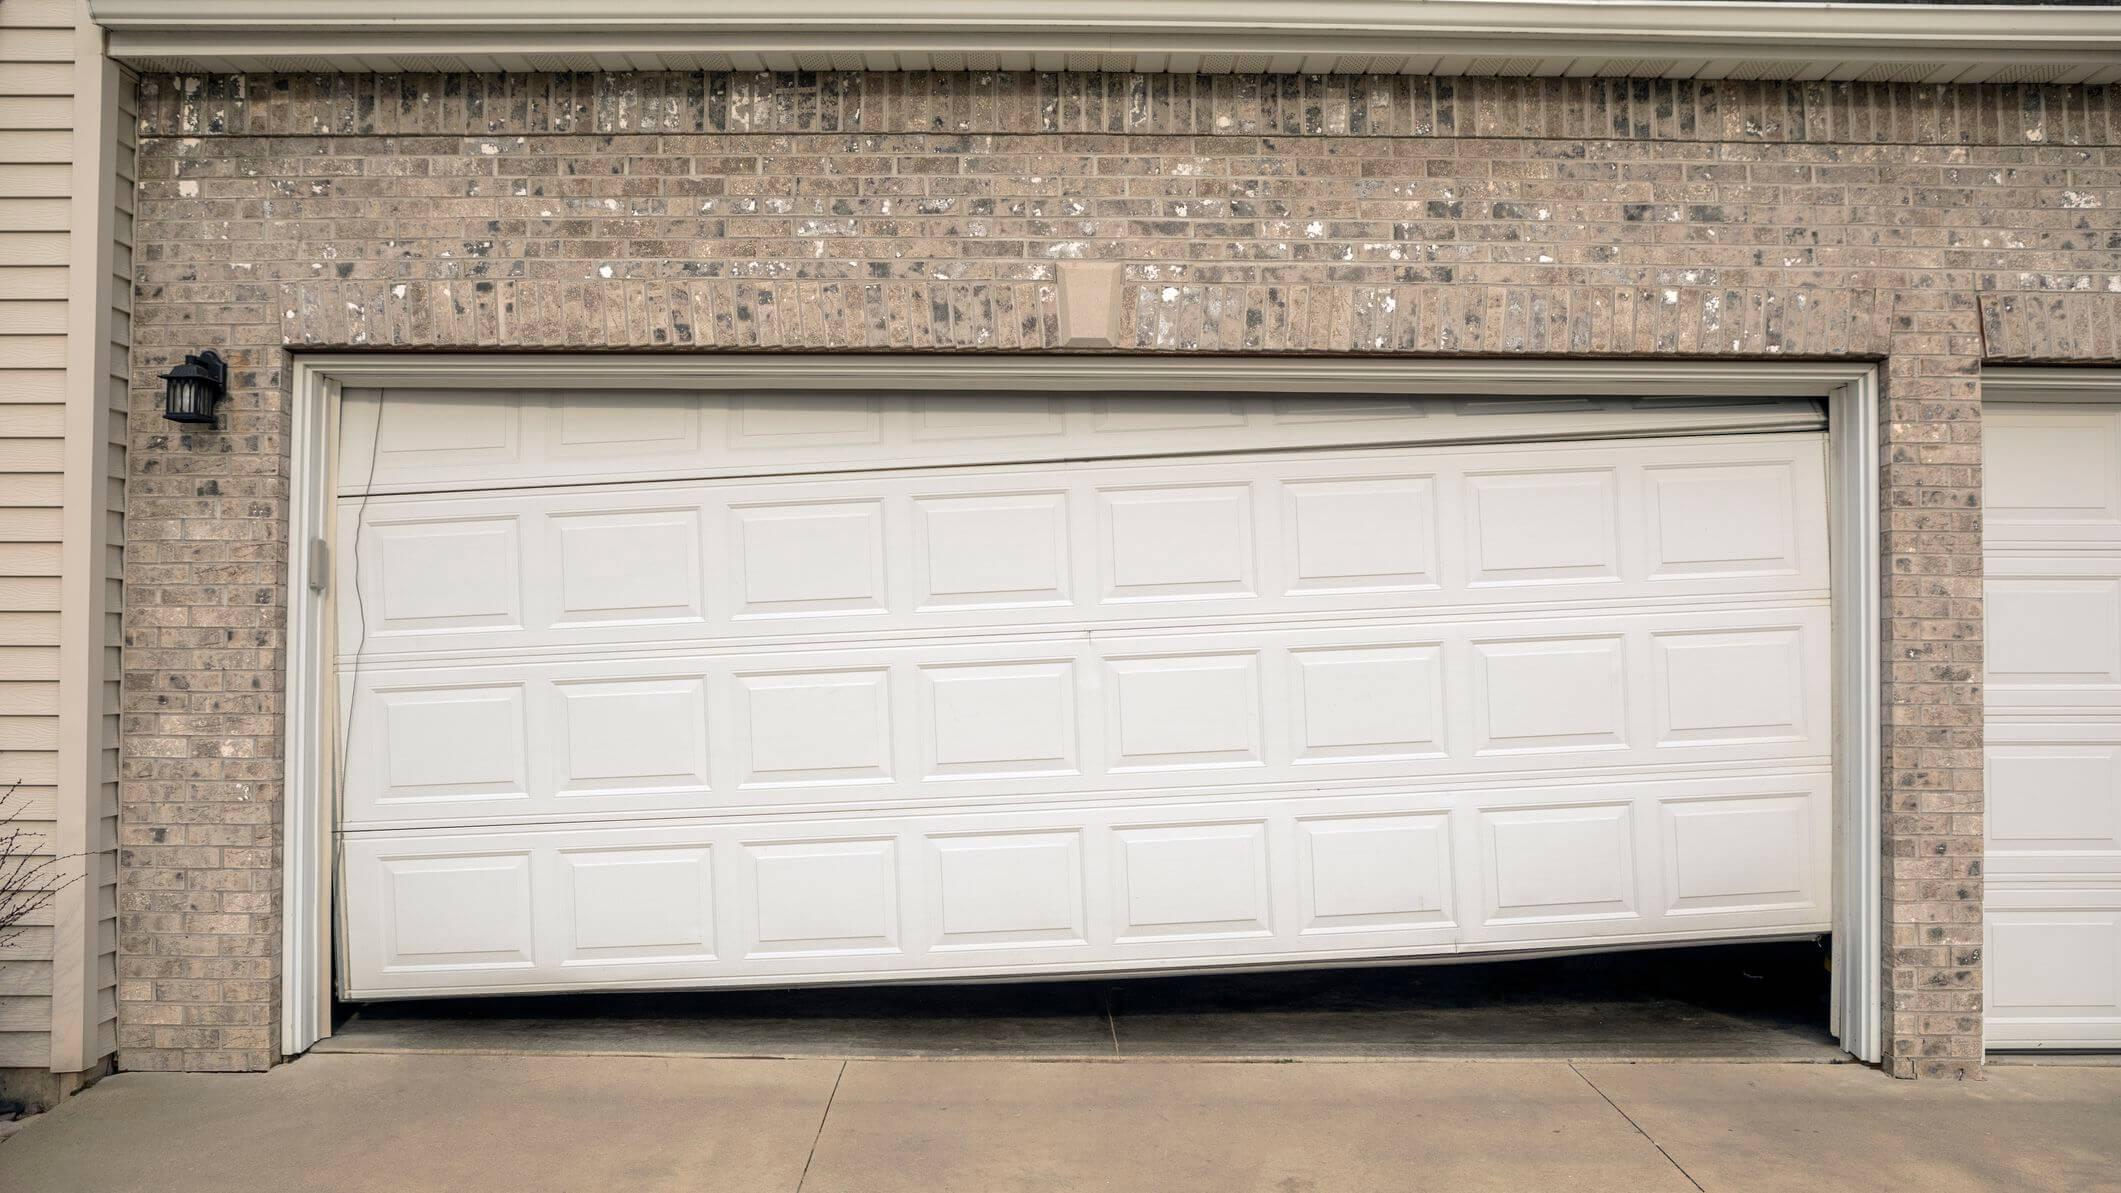 6 TIPS ON HOW TO FIX GARAGE DOOR